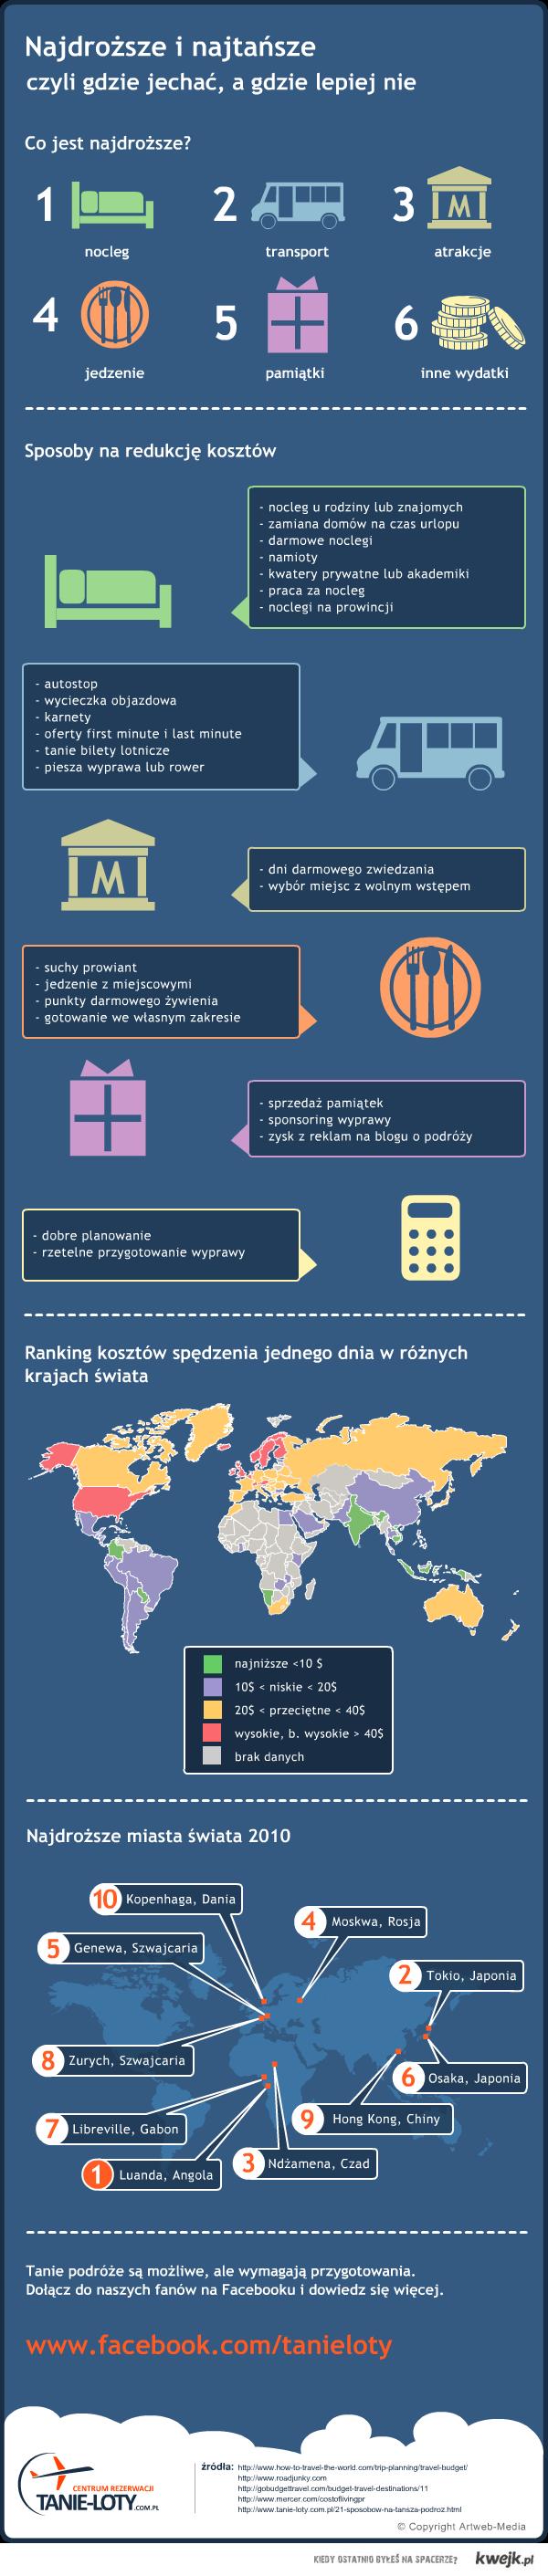 Najdroższe i najtańsze kraje - infografika